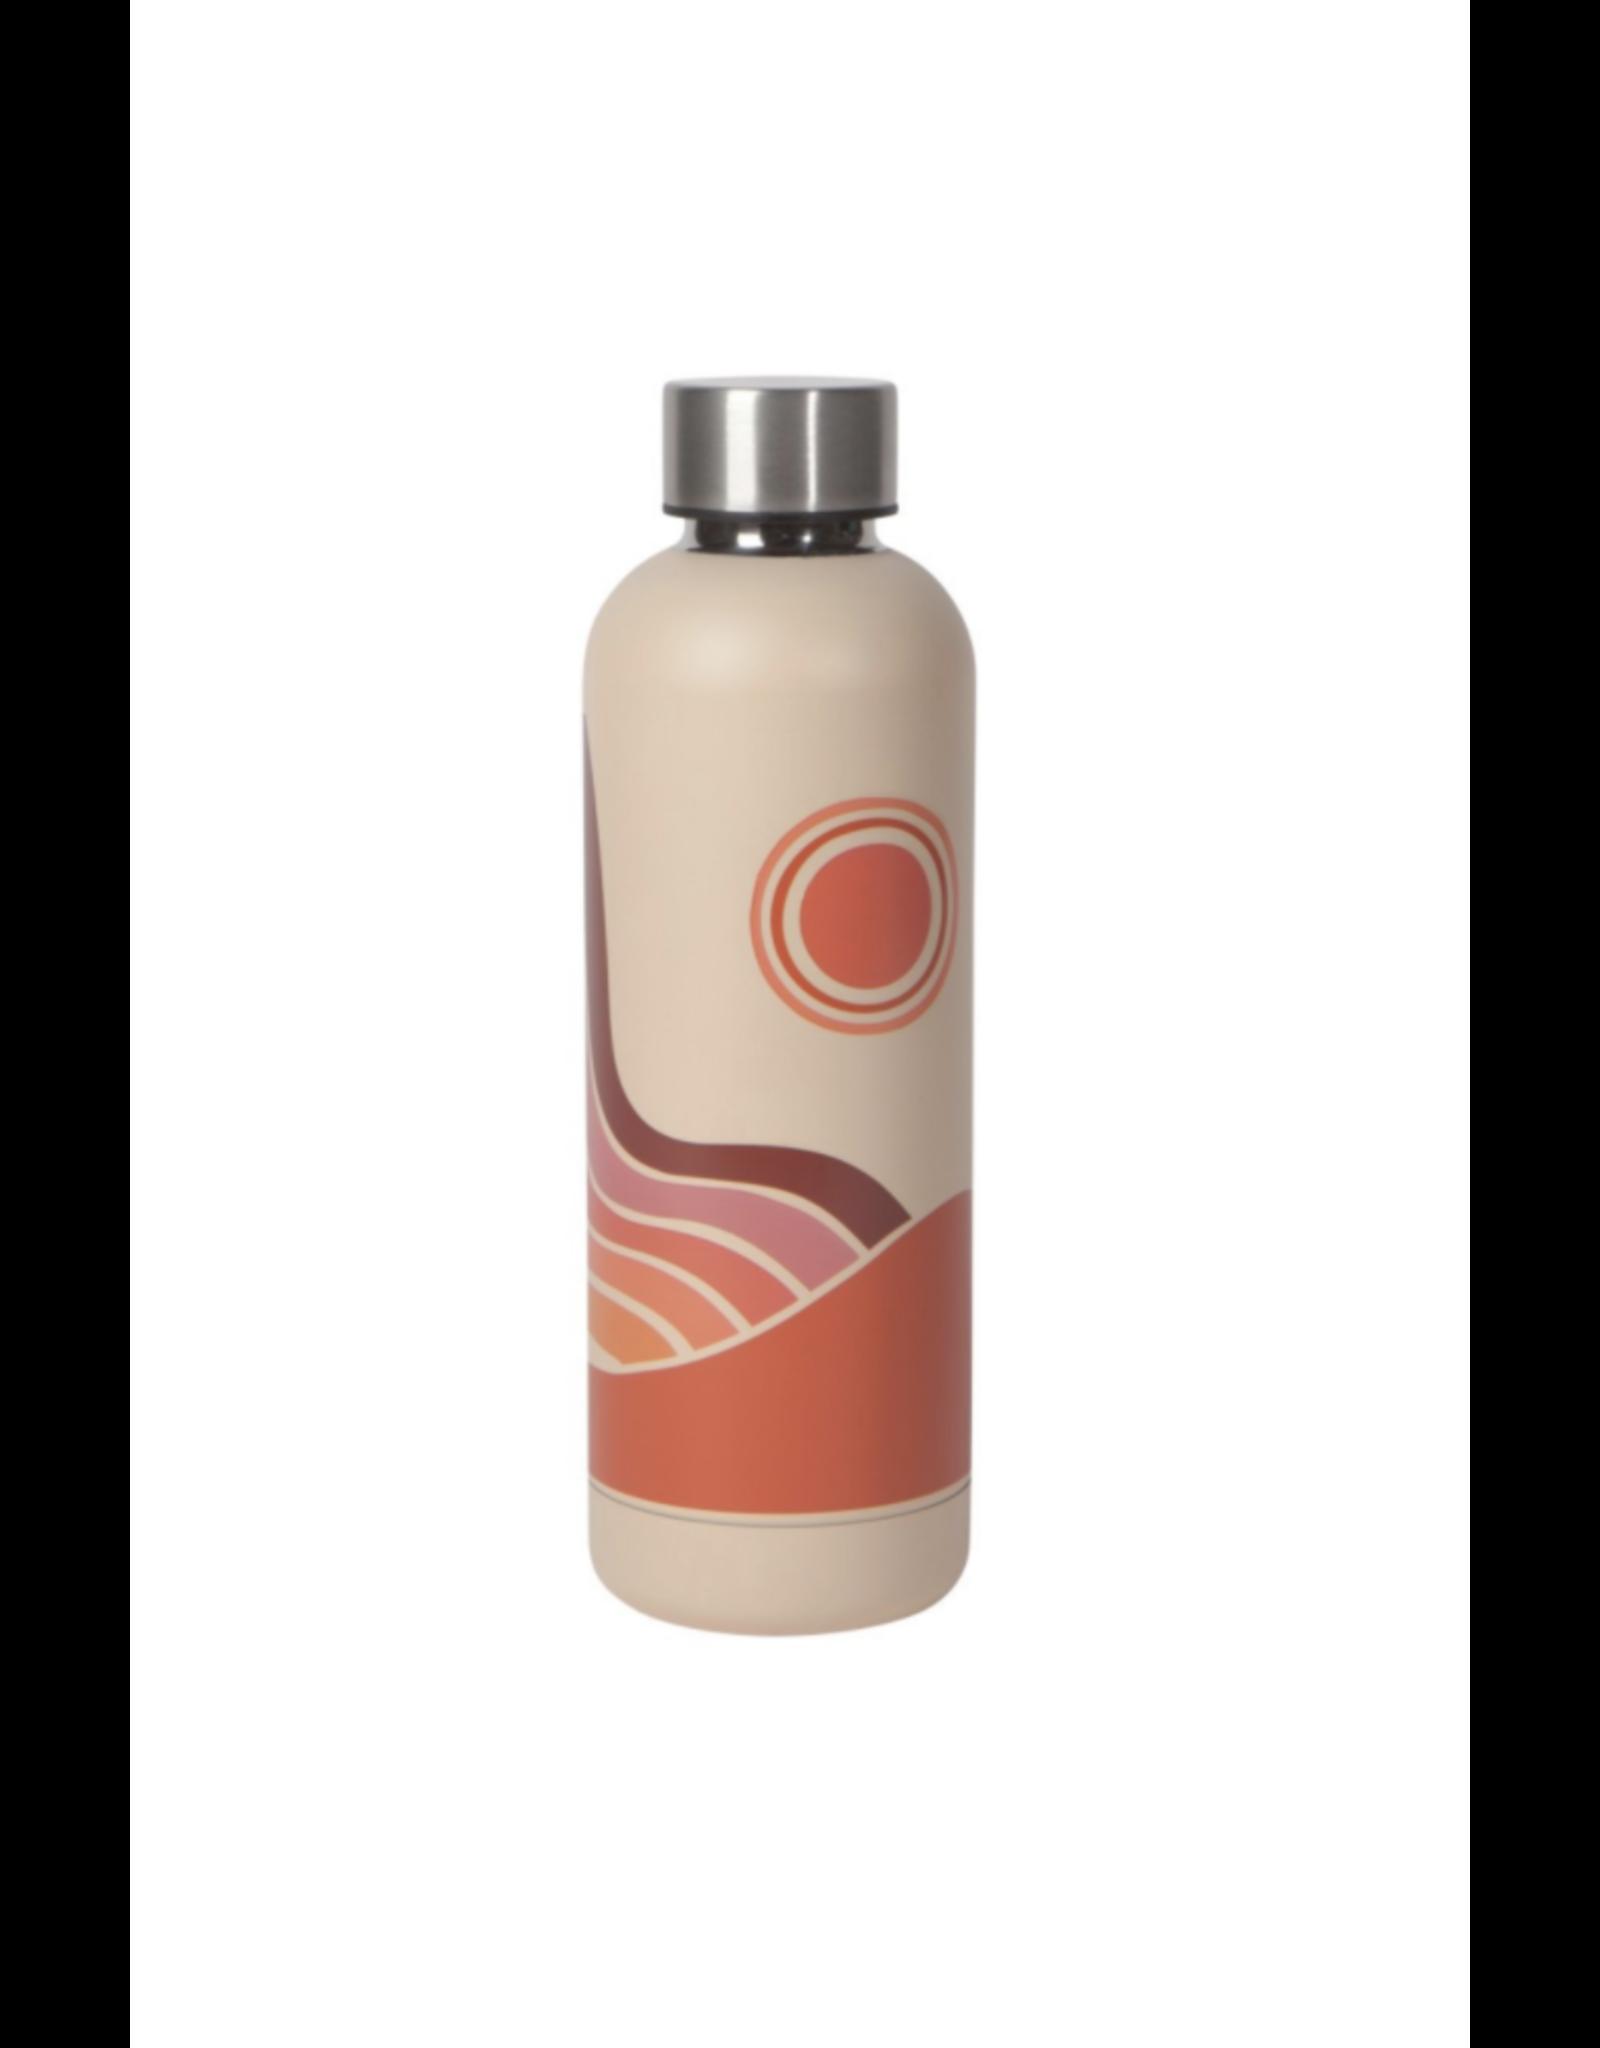 Solstice Water Bottle